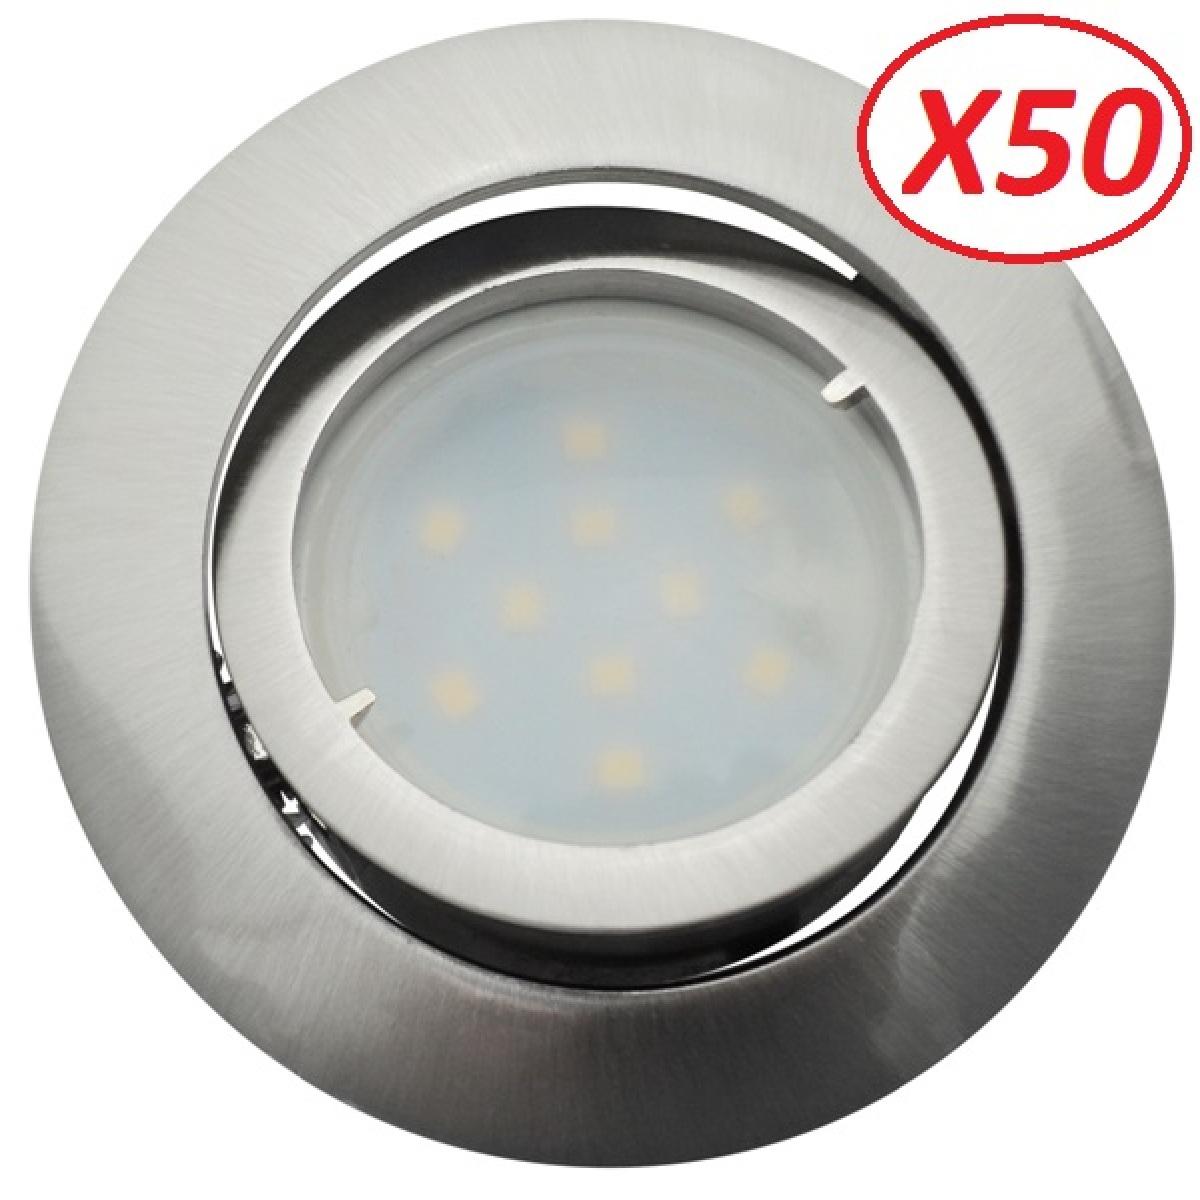 Eurobryte Lot de 50 Spot Led Encastrable Complete Satin Orientable lumière Blanc Neutre eq. 50W ref.895